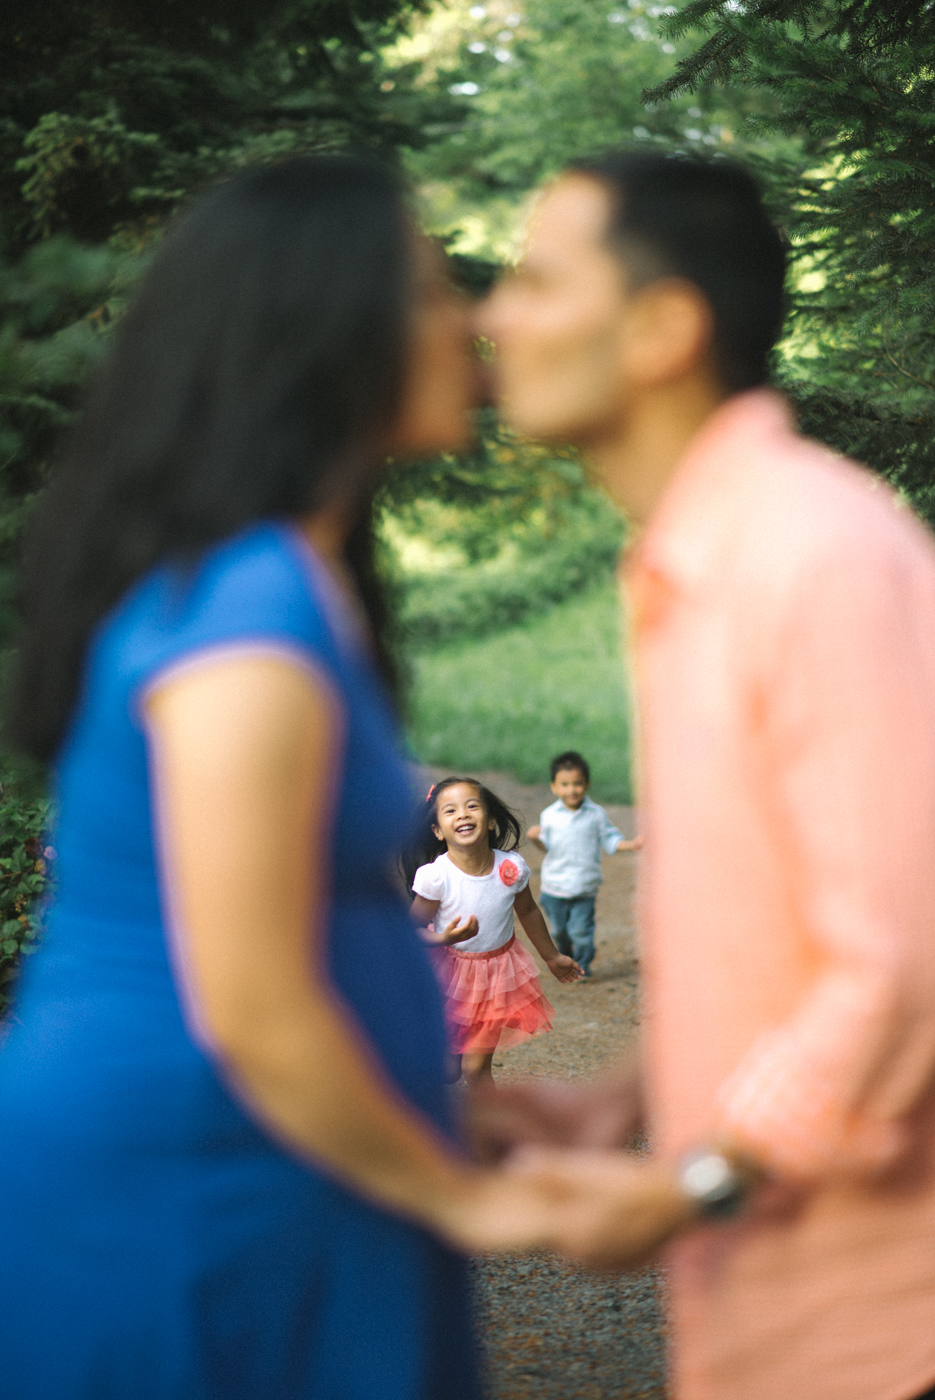 Hoyt-Arboretum-Washington-Park-professional-maternity-family-session-photos-portland-oregon-natural-woodland-6